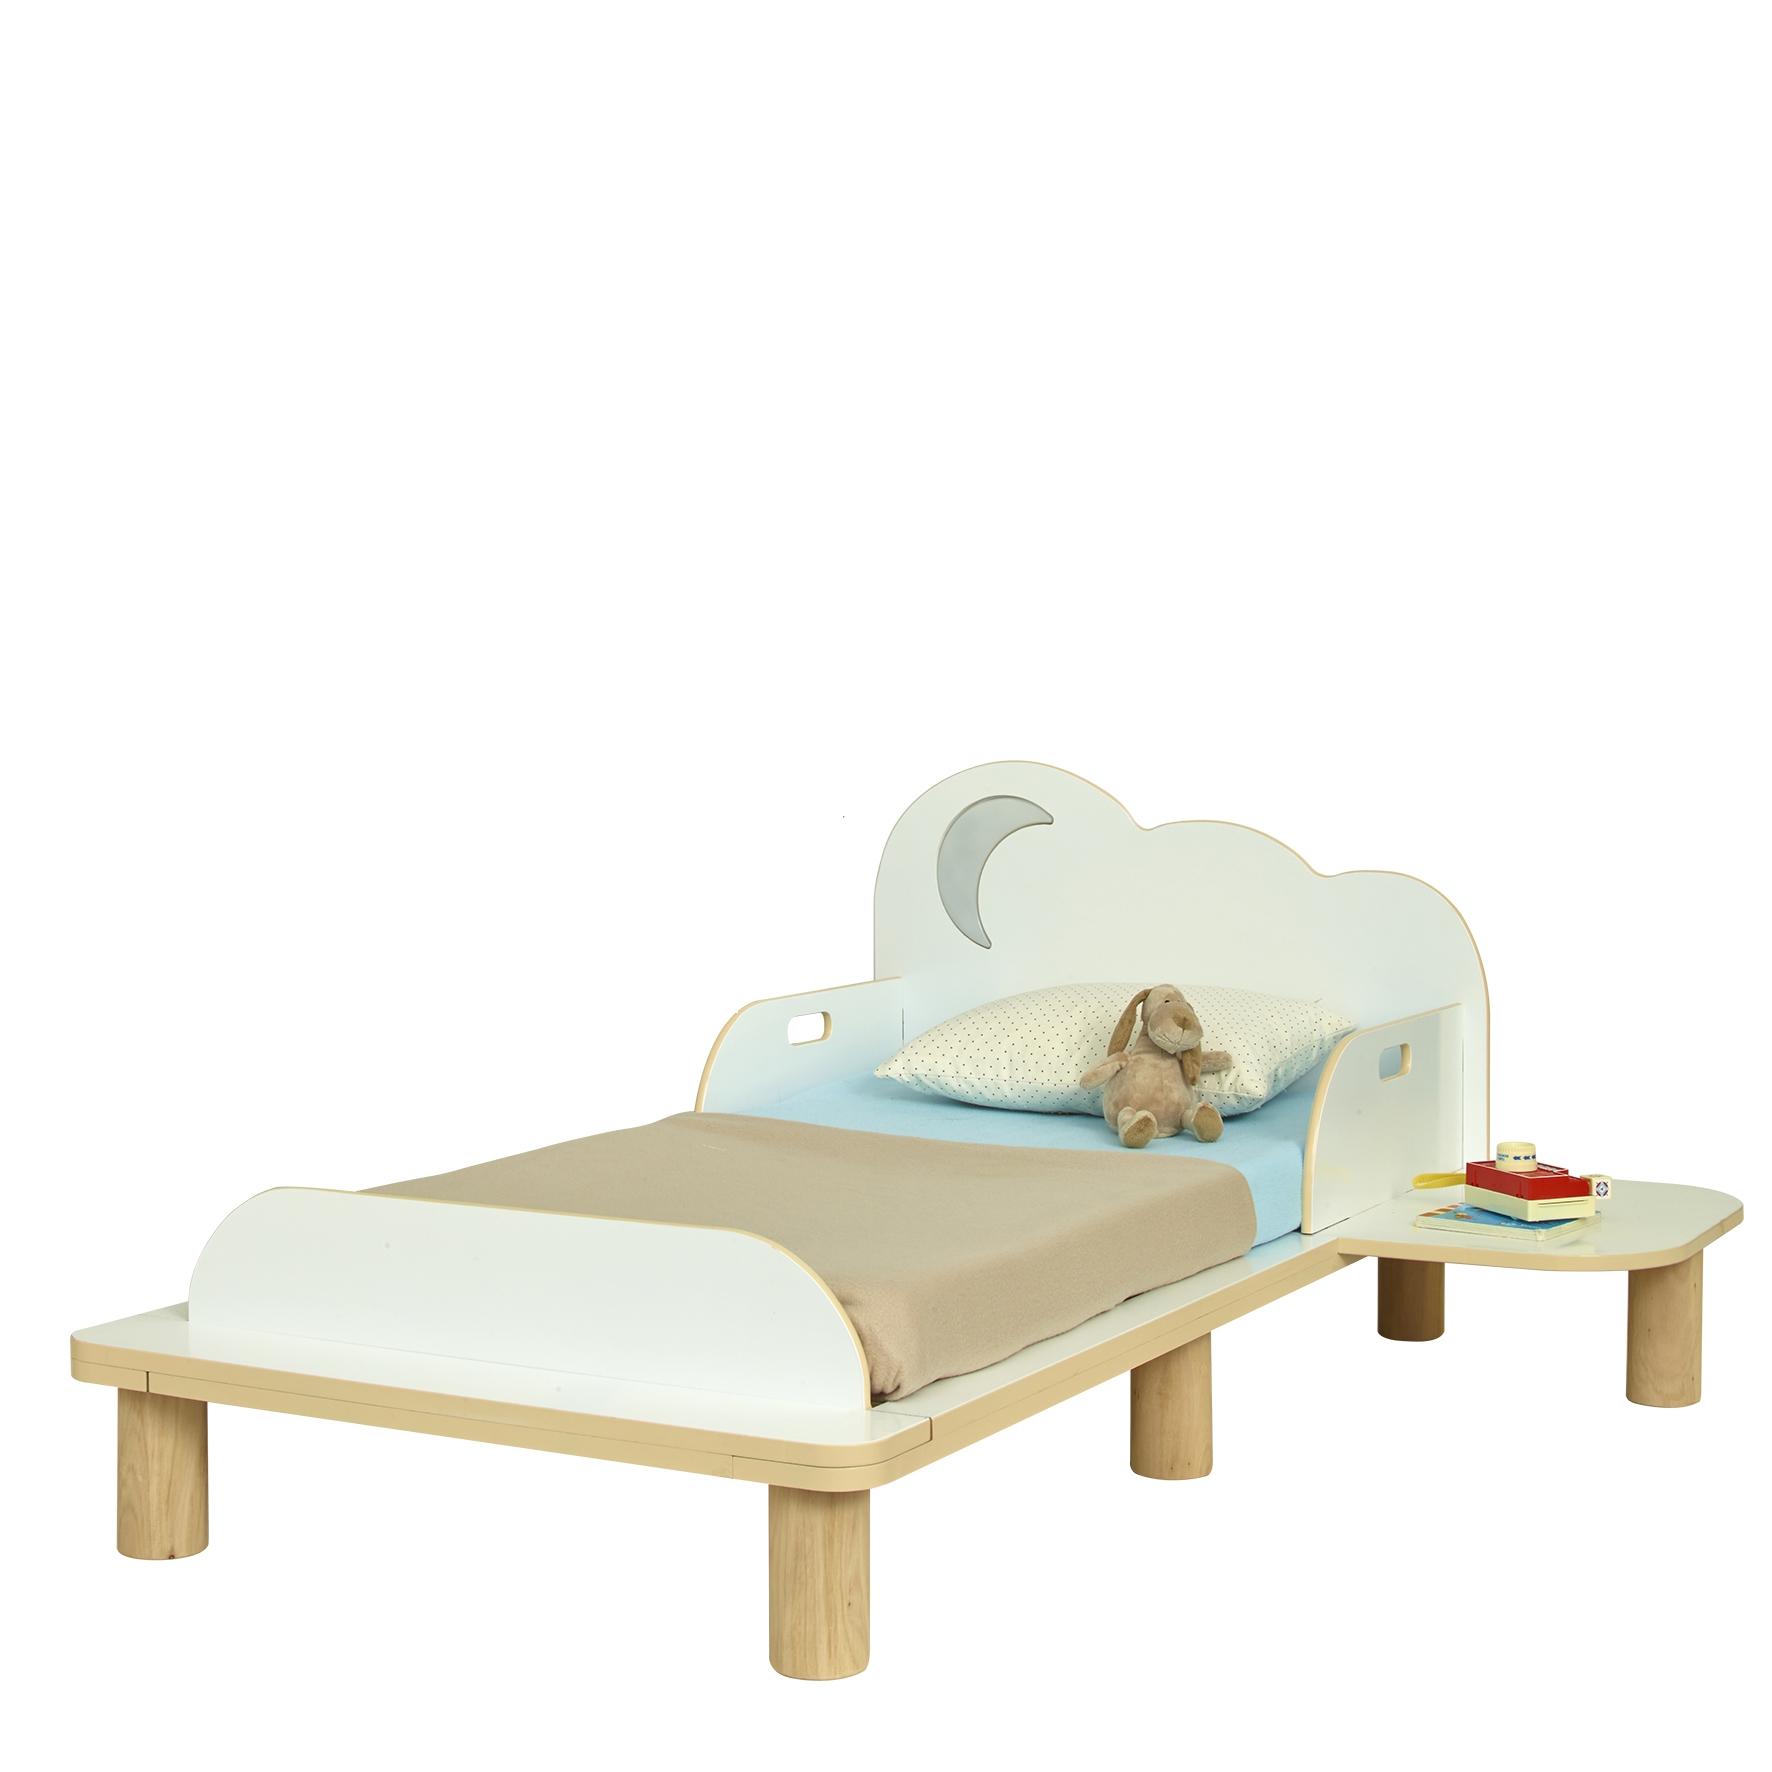 lit enfant ciel etoil. Black Bedroom Furniture Sets. Home Design Ideas